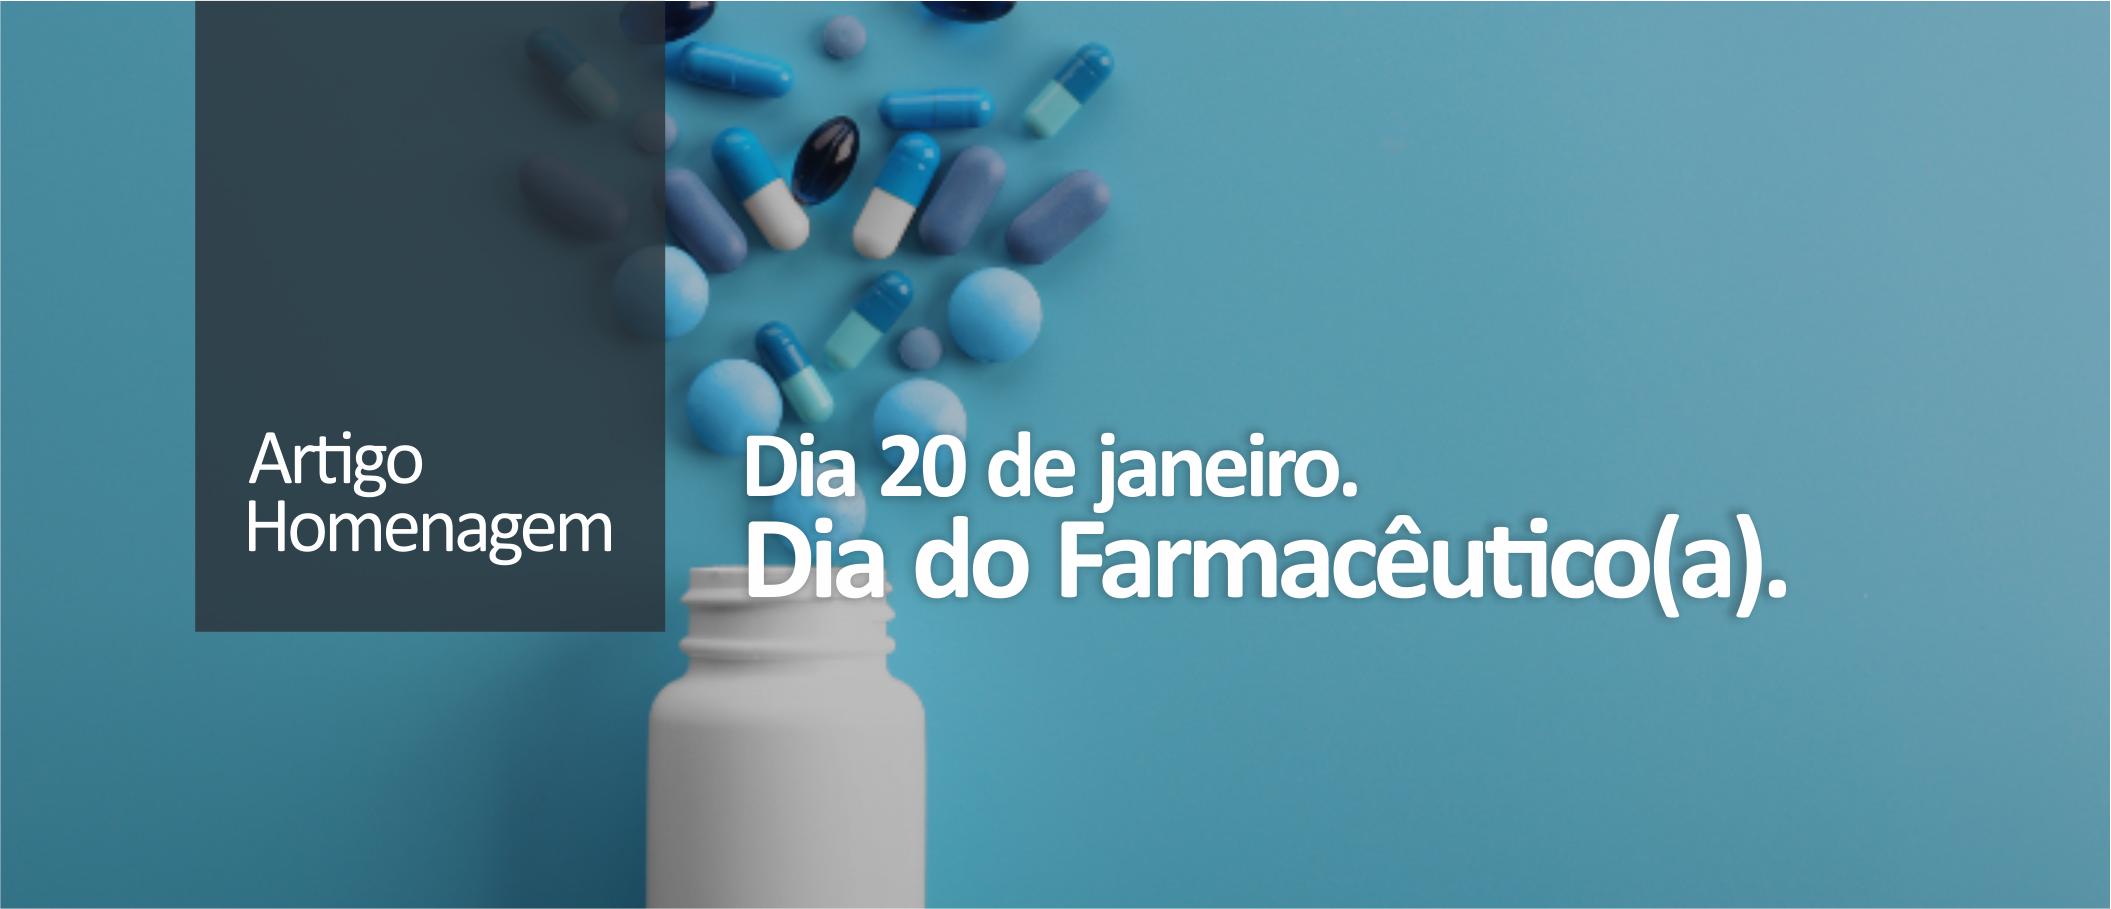 Farmacêuticos: os 5 maiores desafios da profissão quanto aos direitos trabalhistas.